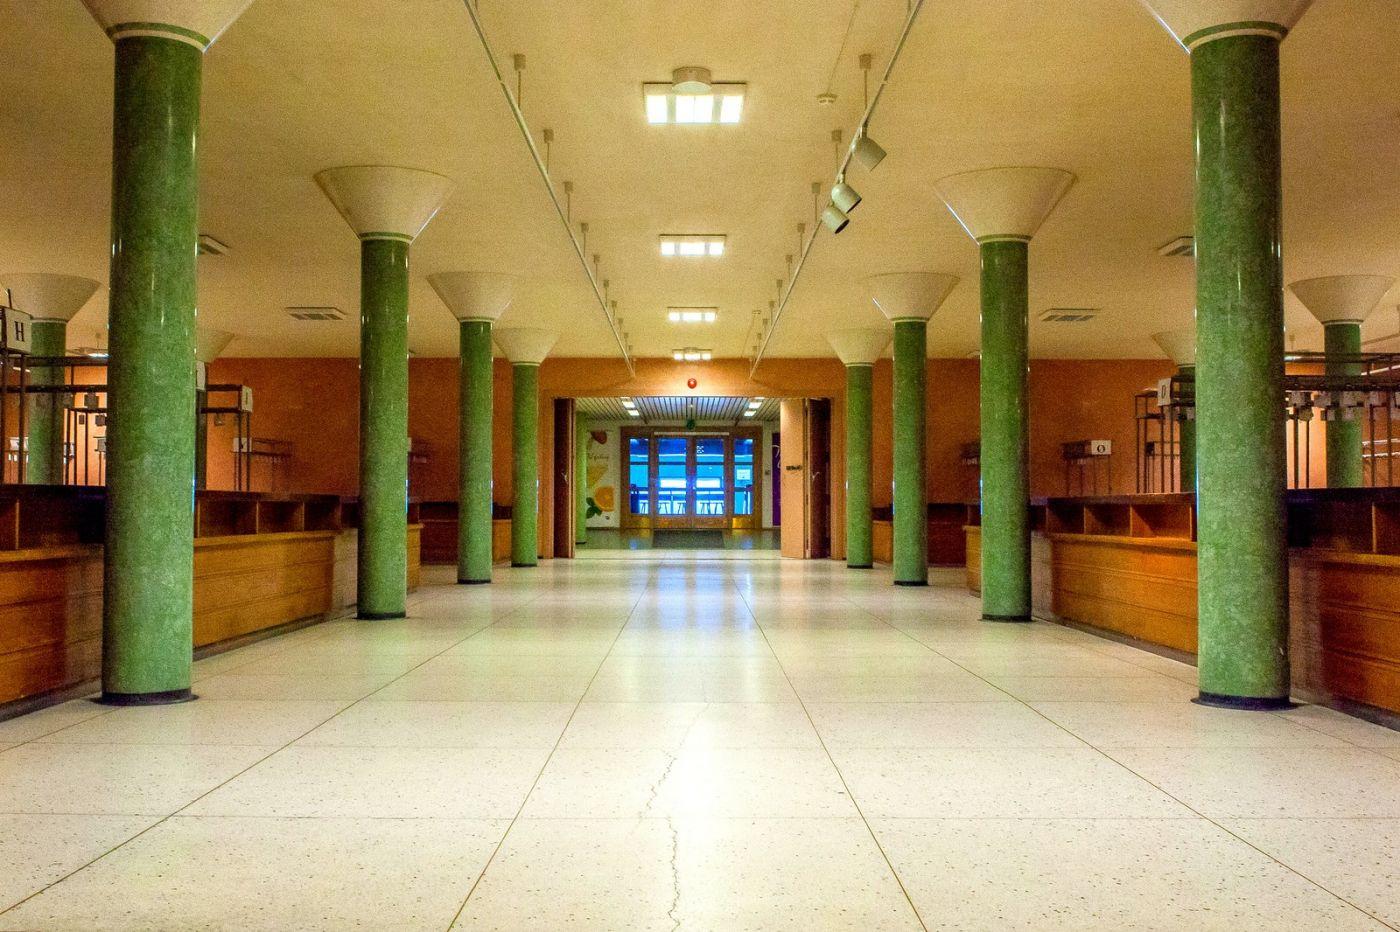 挪威奥塞罗市政厅,在这里办公没脾气_图1-4